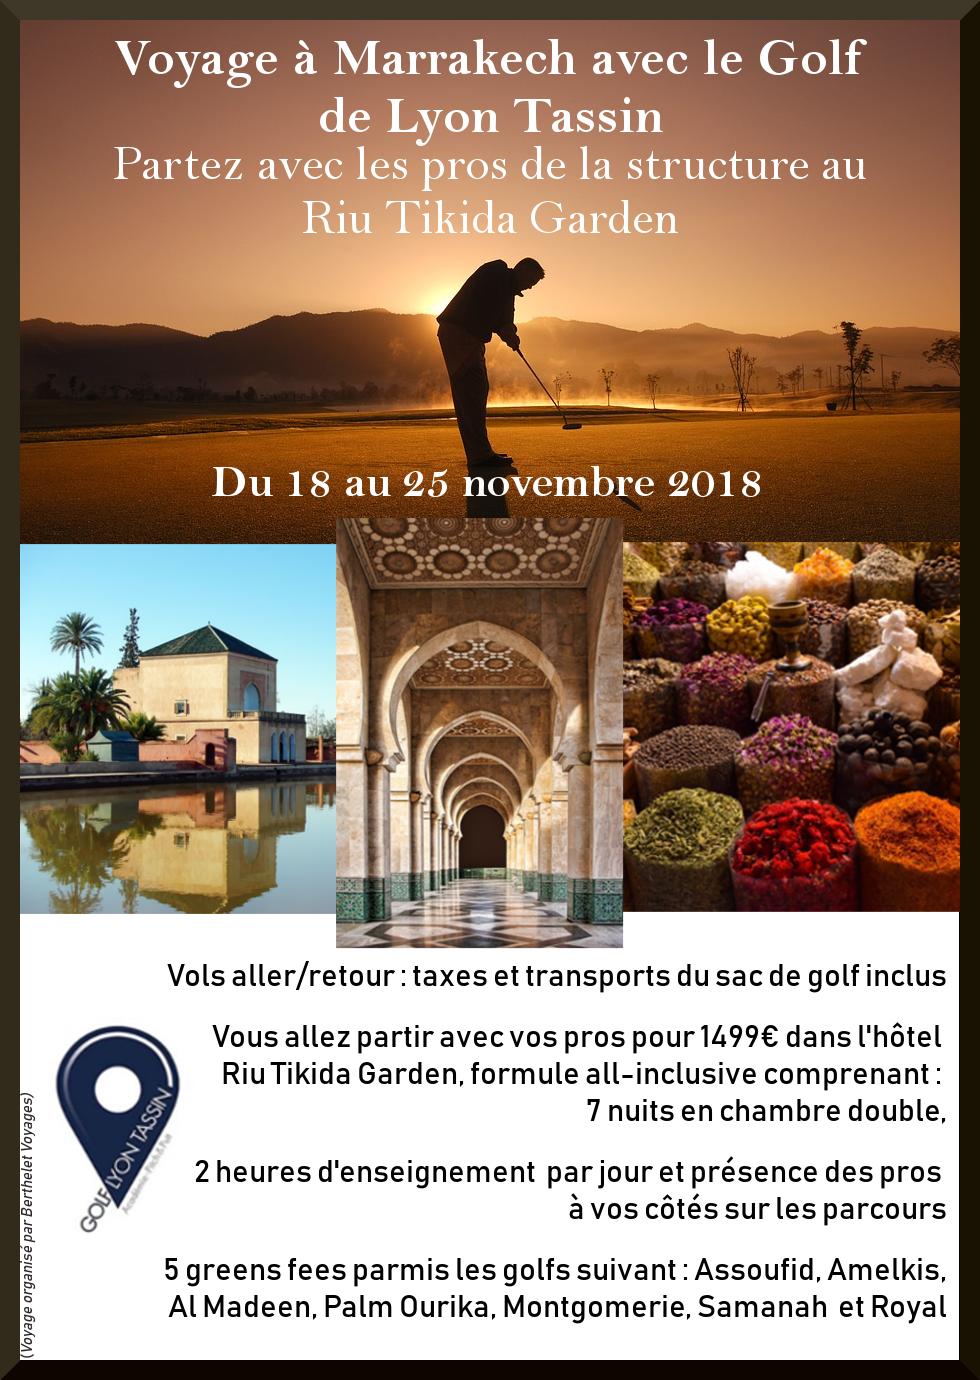 Voyage de golf à Marrakech